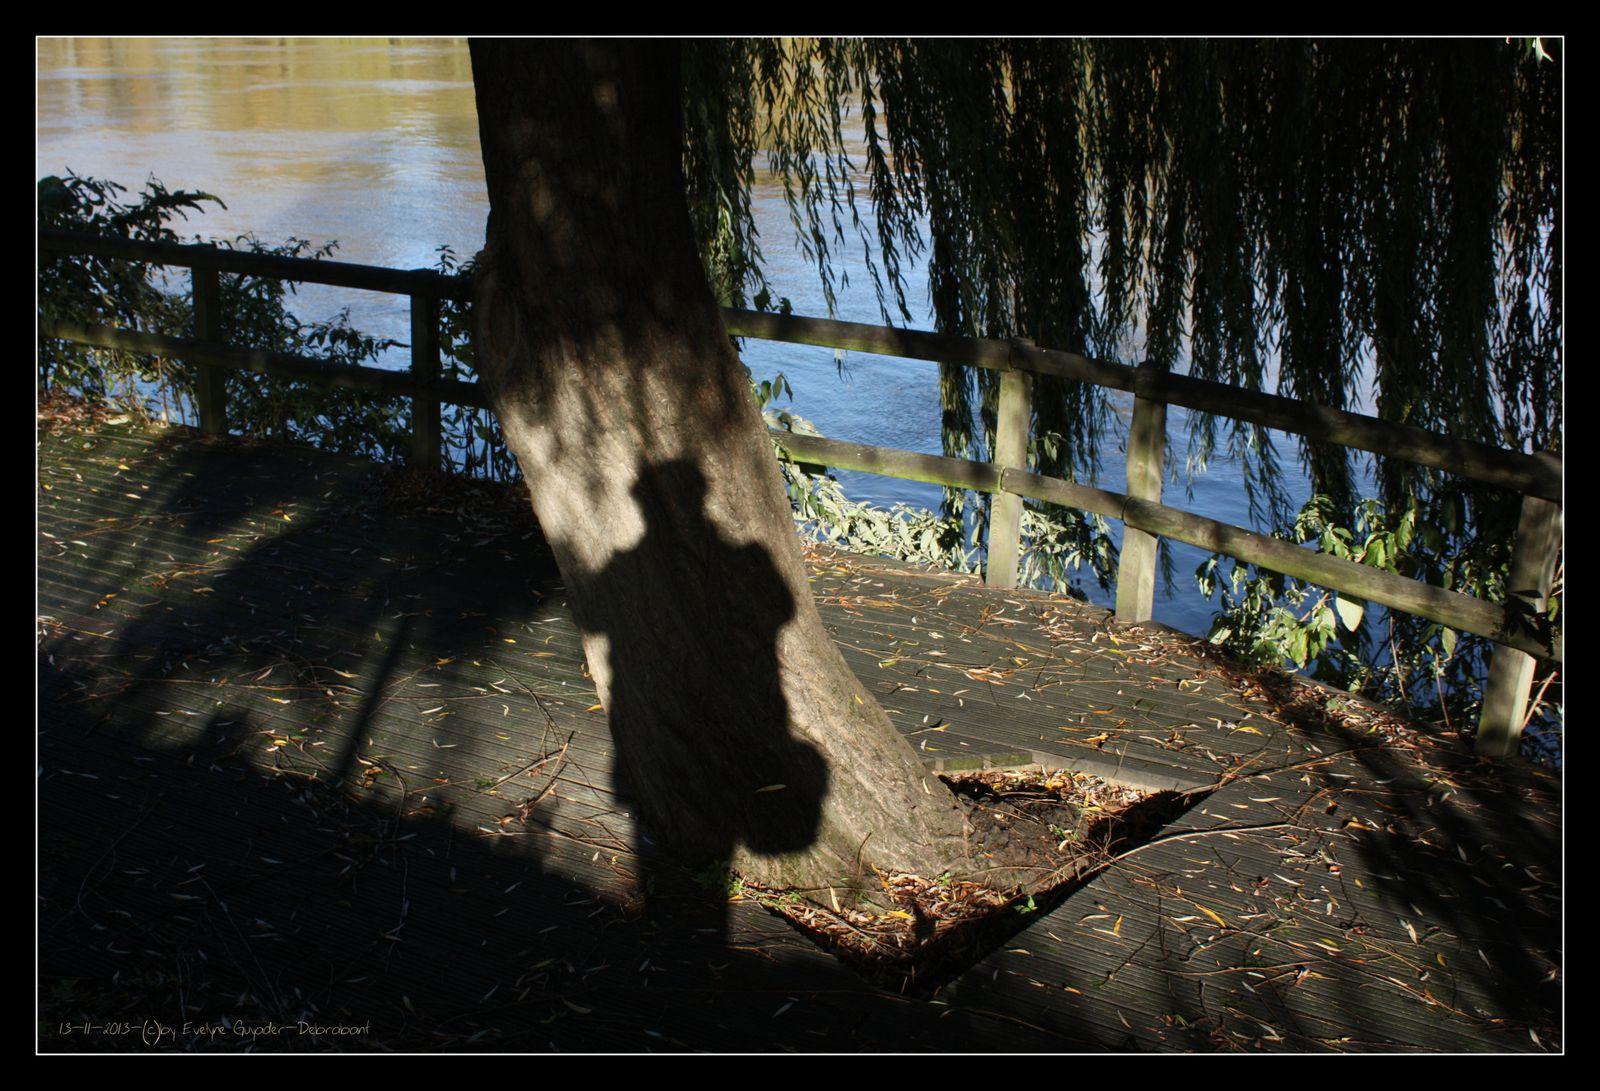 L'Automne, Auprès de mon arbre...